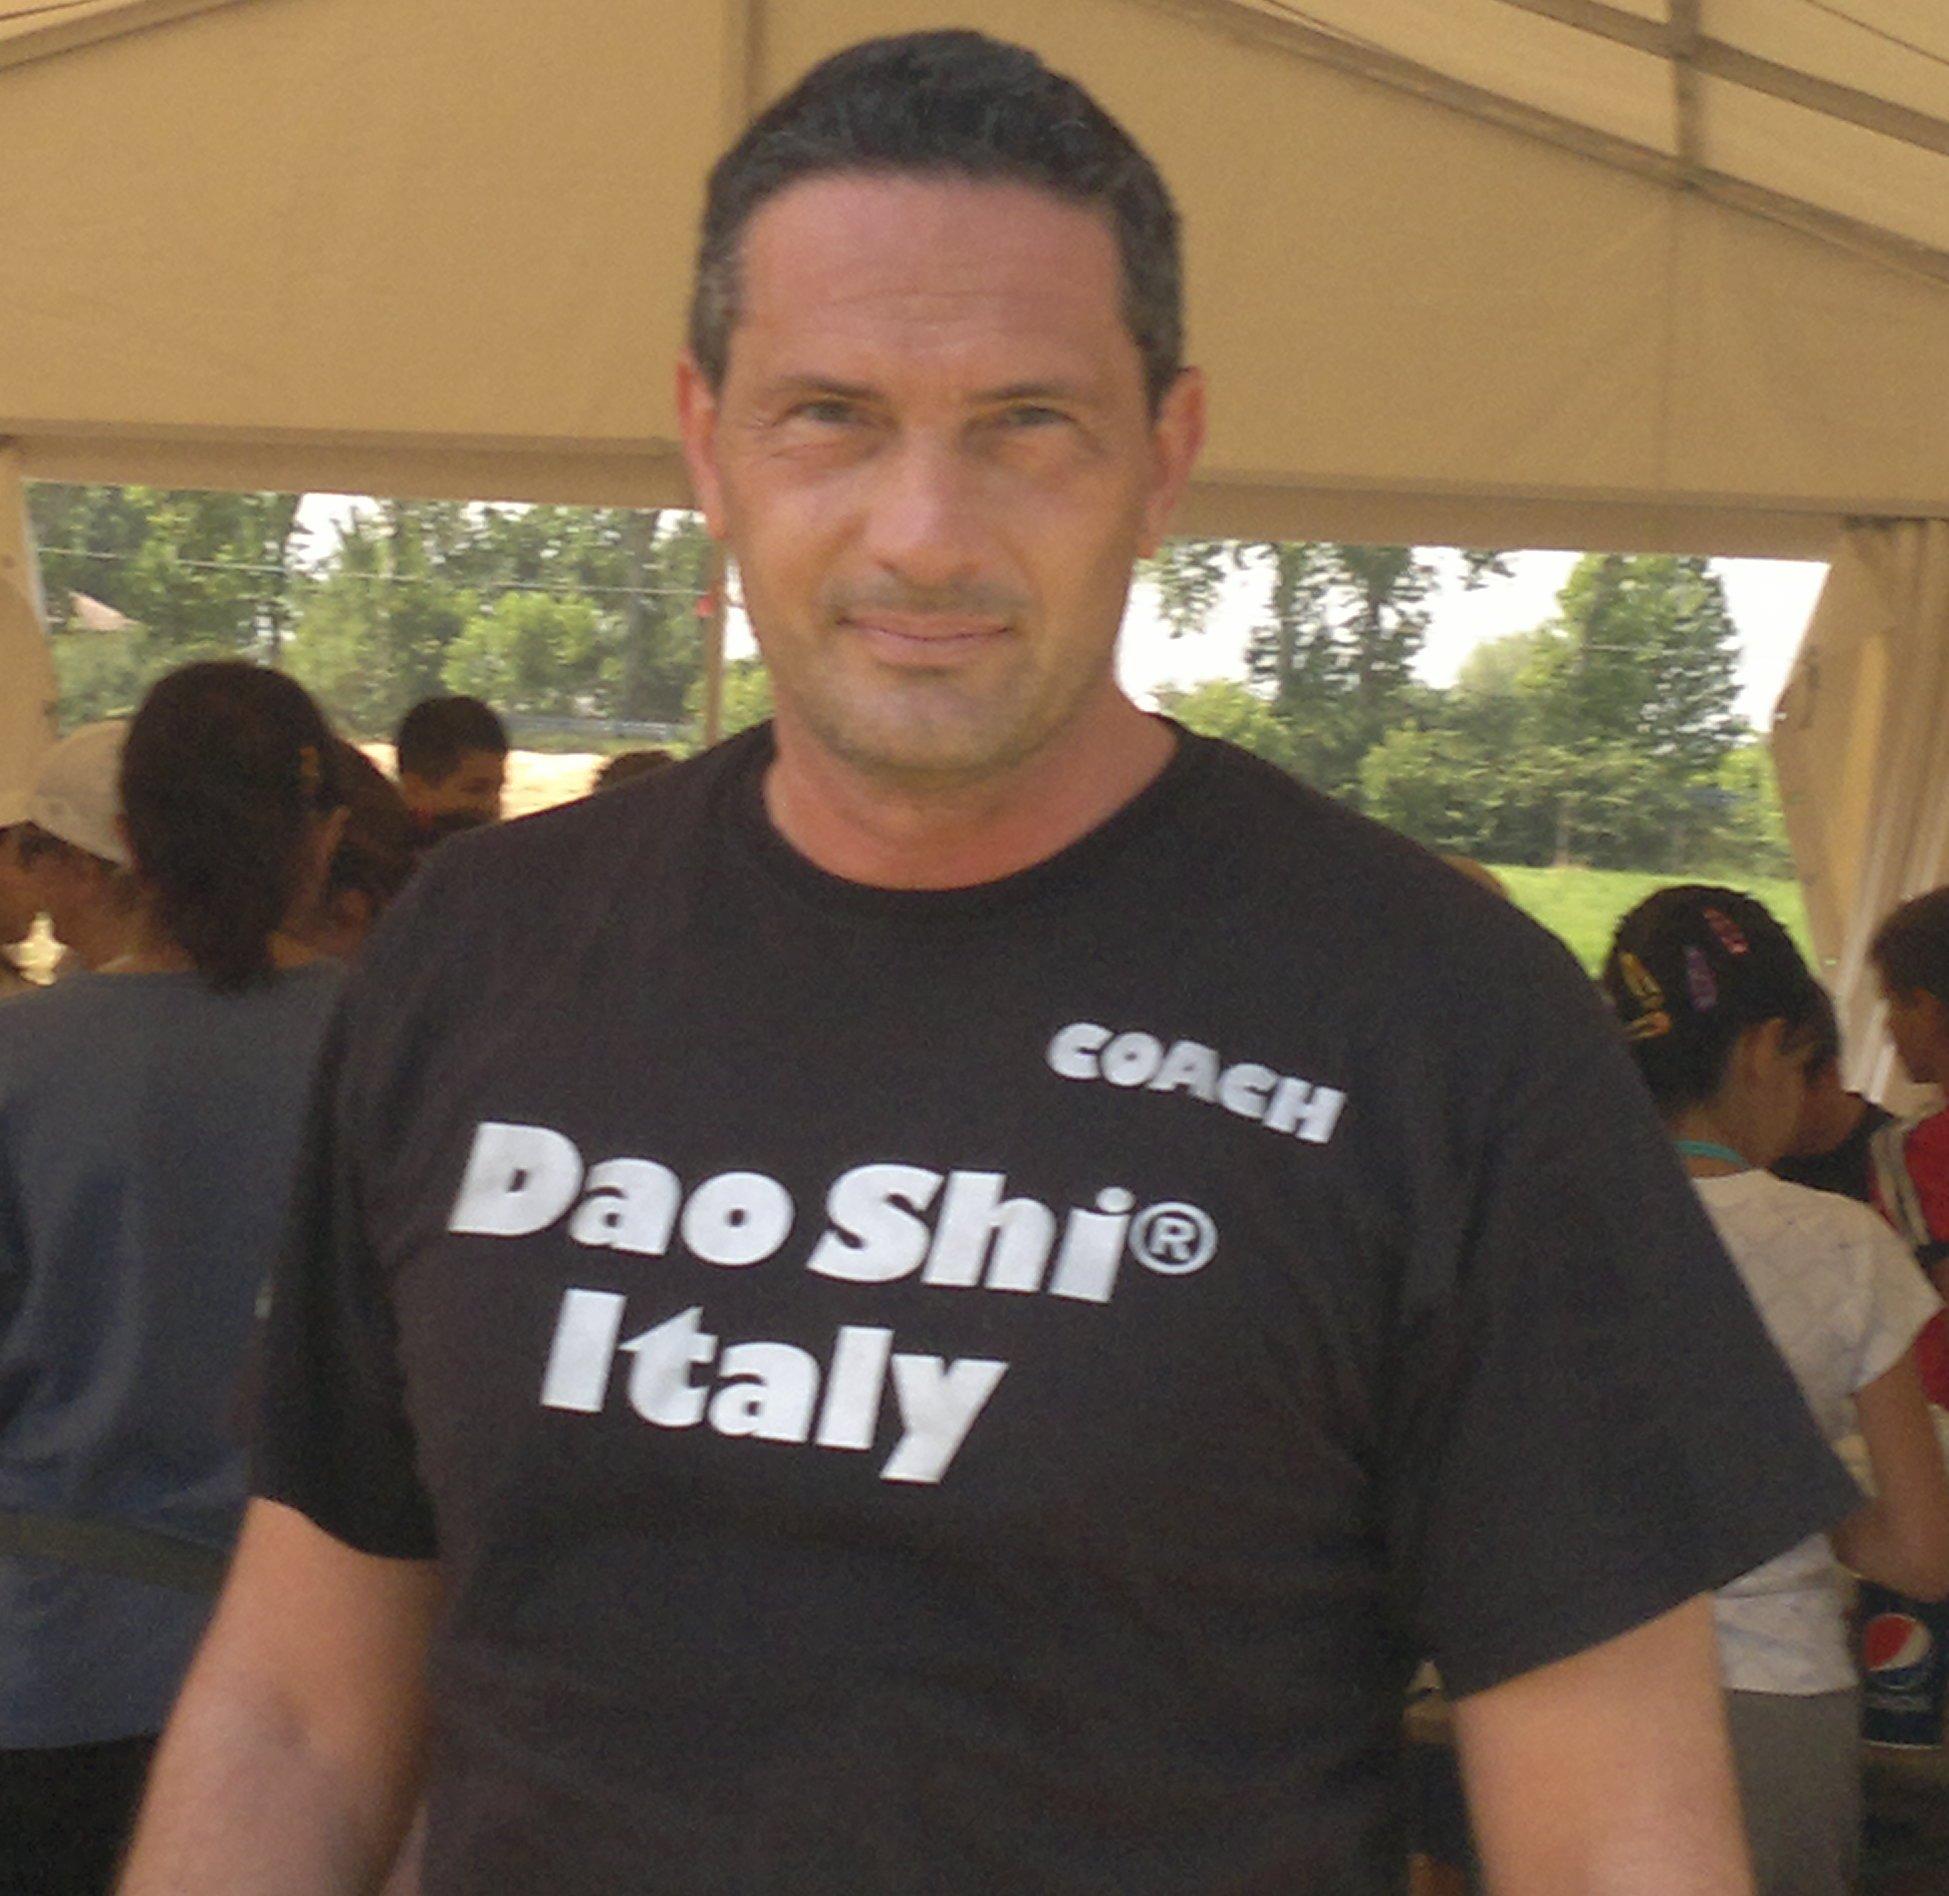 Daoshi Coach